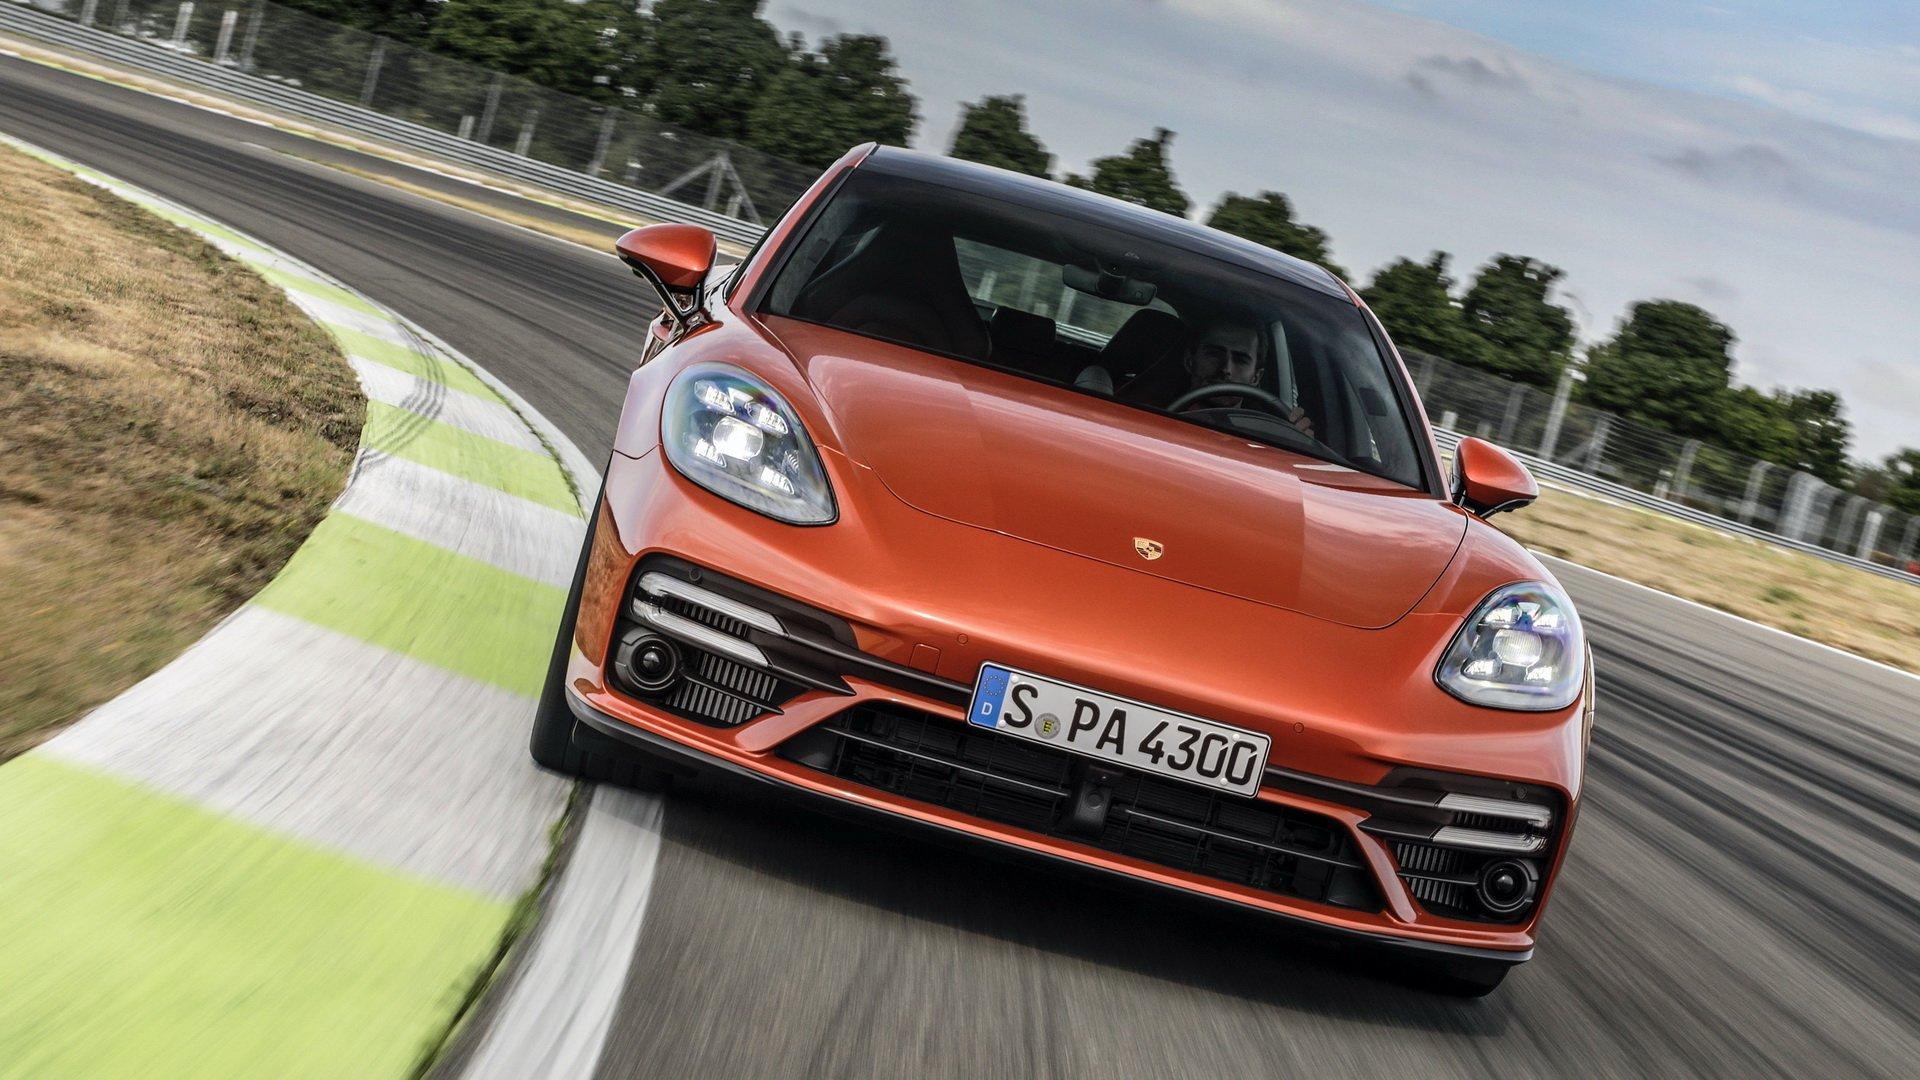 Porsche Panamera 2021 ra mắt: Những thay đổi lớn nằm dưới nắp động cơ